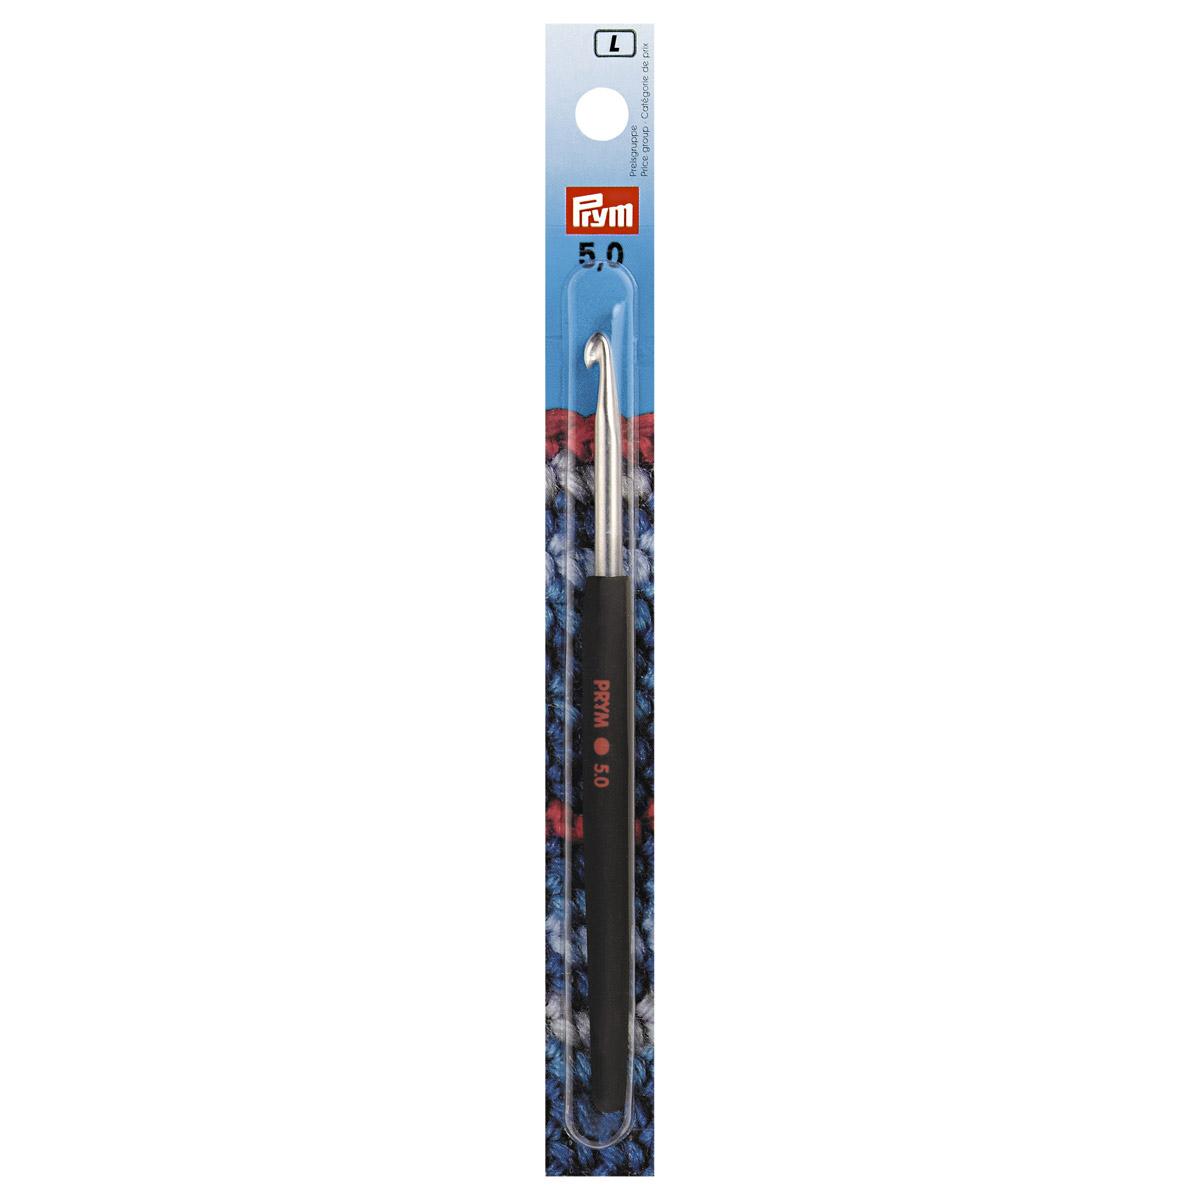 195178 Крючок для вязания с цветной ручкой, алюминий, 5 мм*14 см, Prym